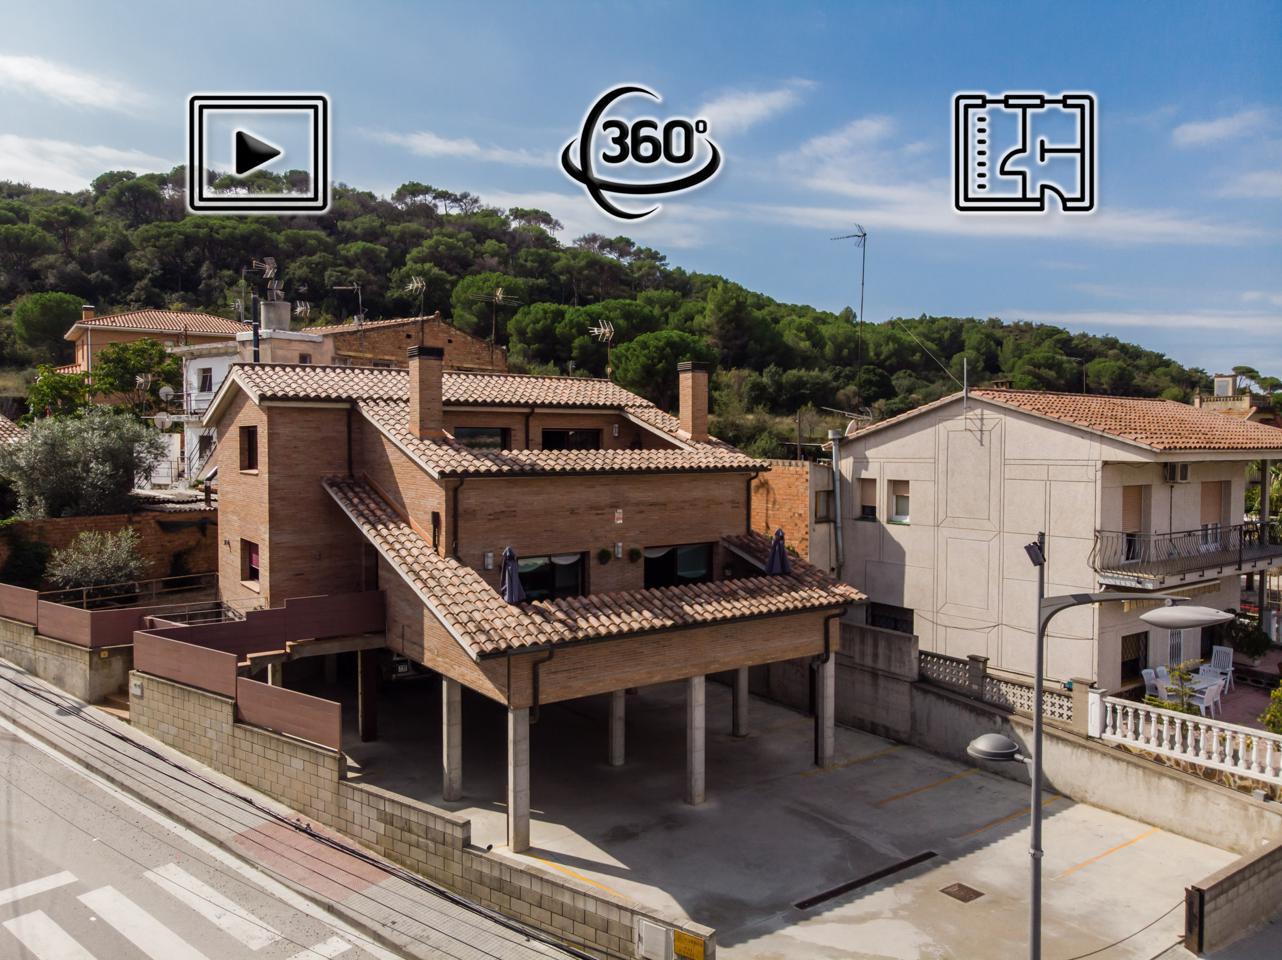 villa en sant-fost-de-campsentelles · avinguda-catalunya-08105 398000€